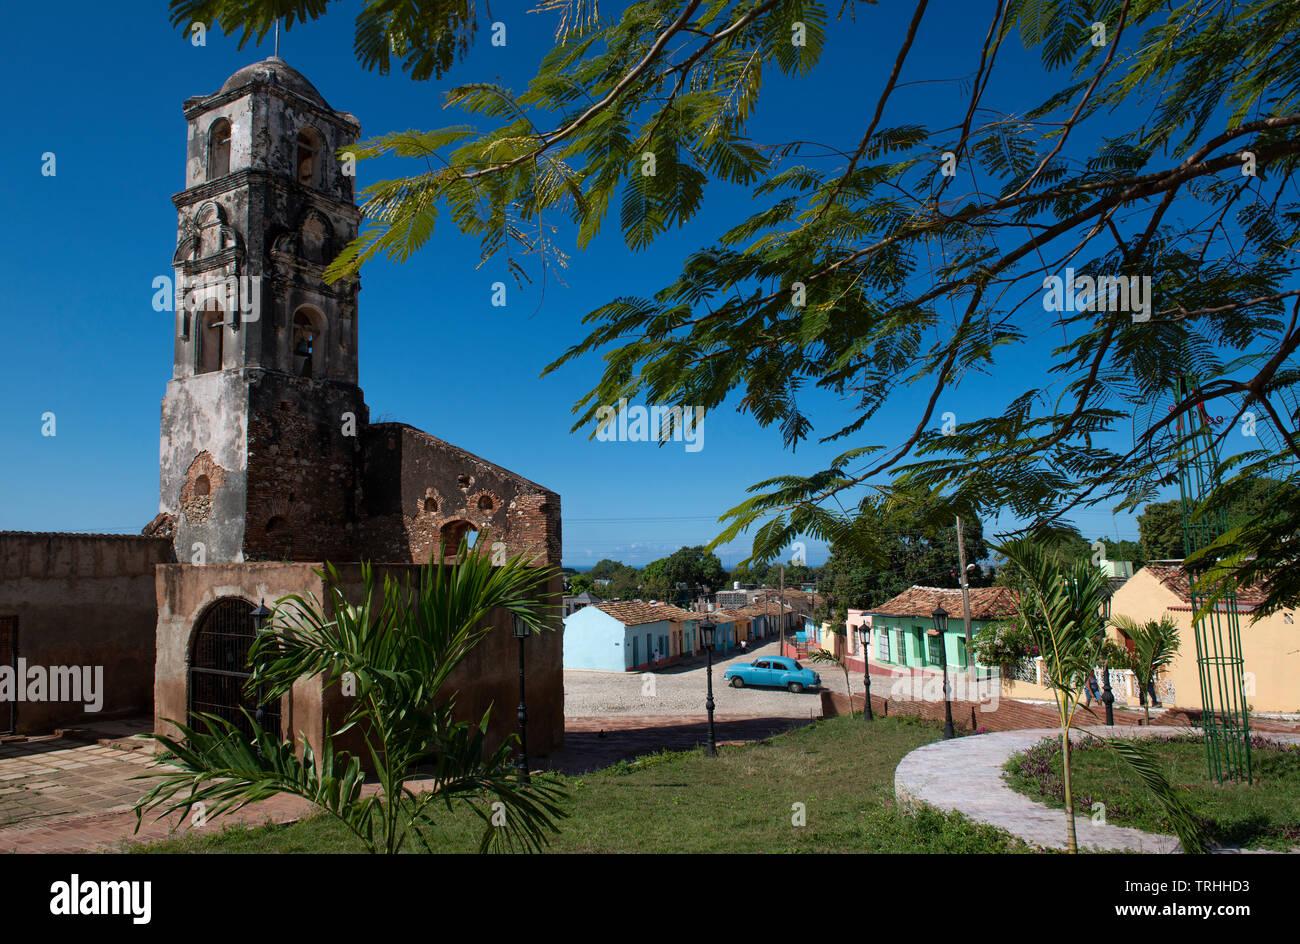 Iglesia abandonada a las afueras del centro de Trinidad en la isla de Cuba, Caribe Foto de stock